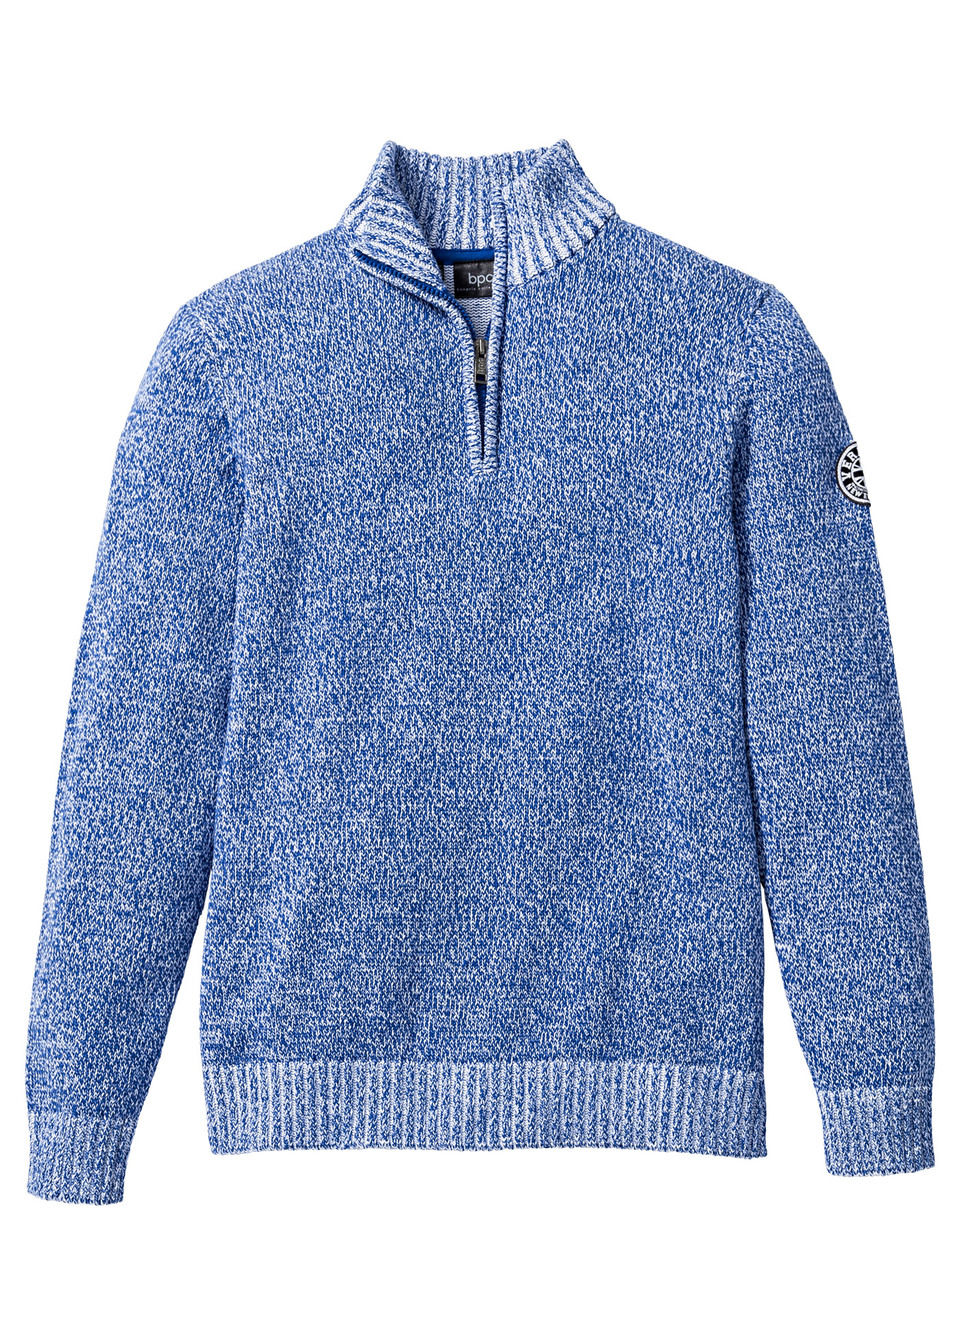 Купить Пуловер Regular Fit с высоким воротом на молнии, bonprix, синий-белый меланж